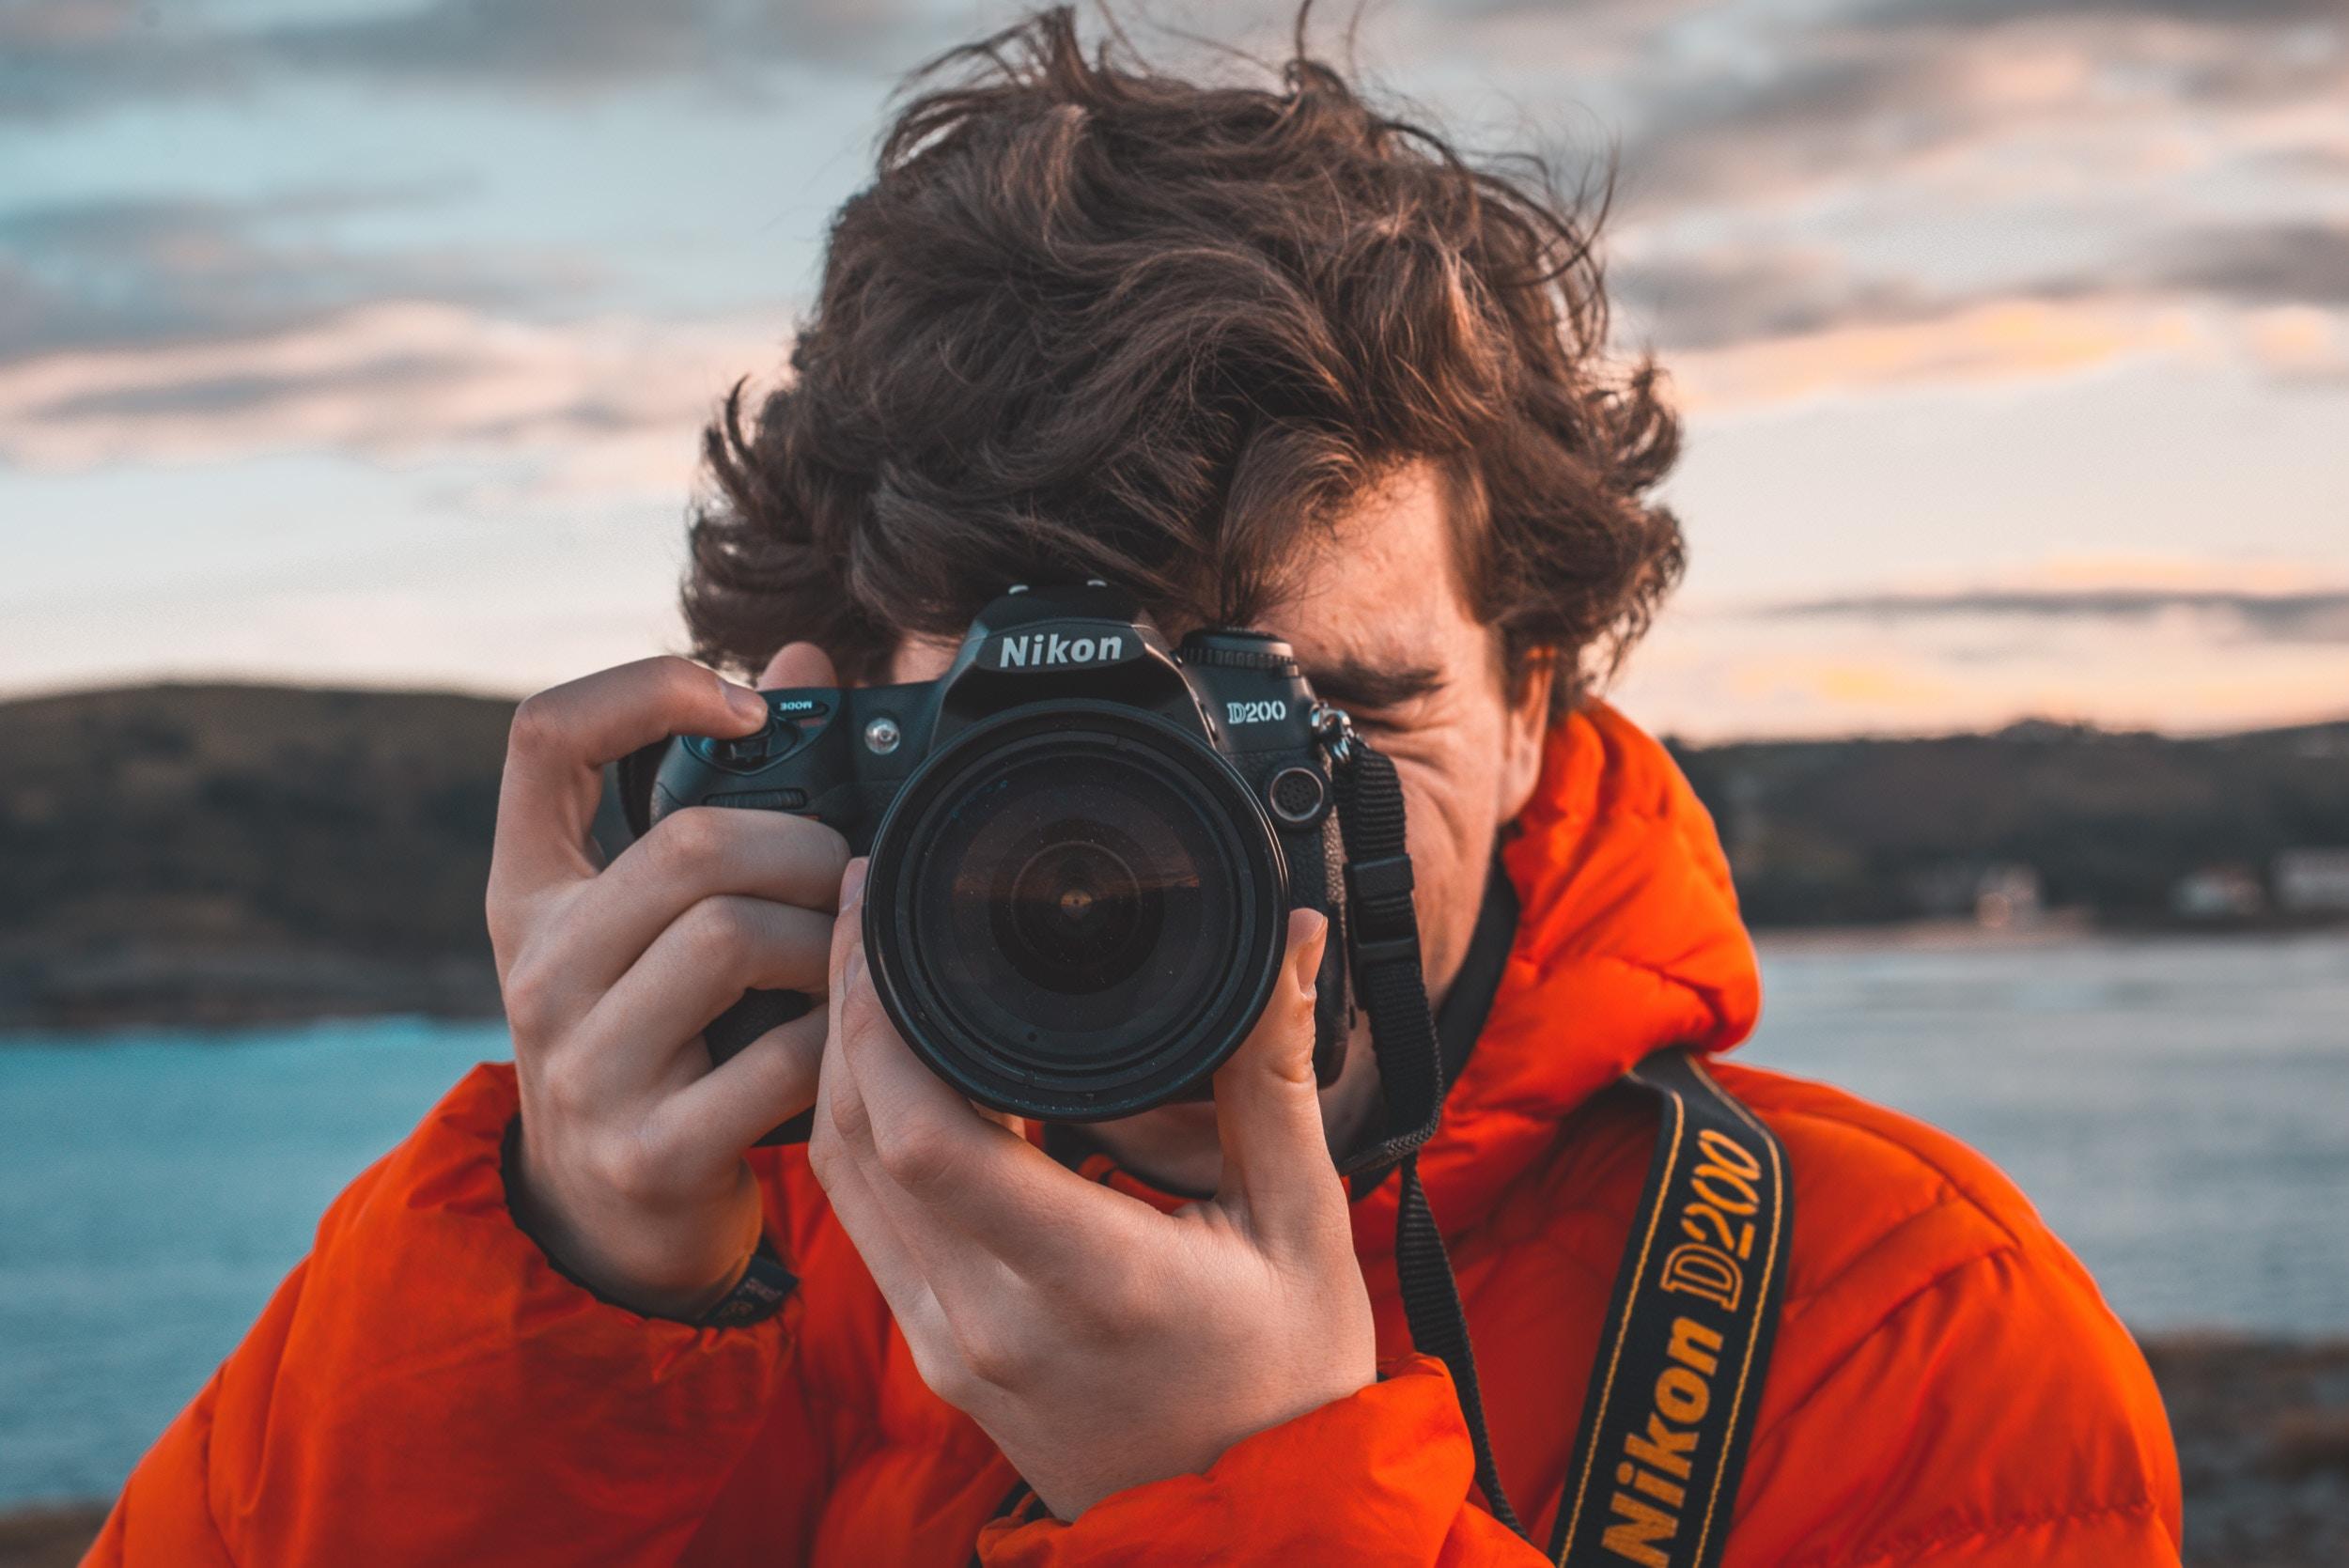 5 TopFotografen in Augsburg bei denen ihr euch wohlfhlt